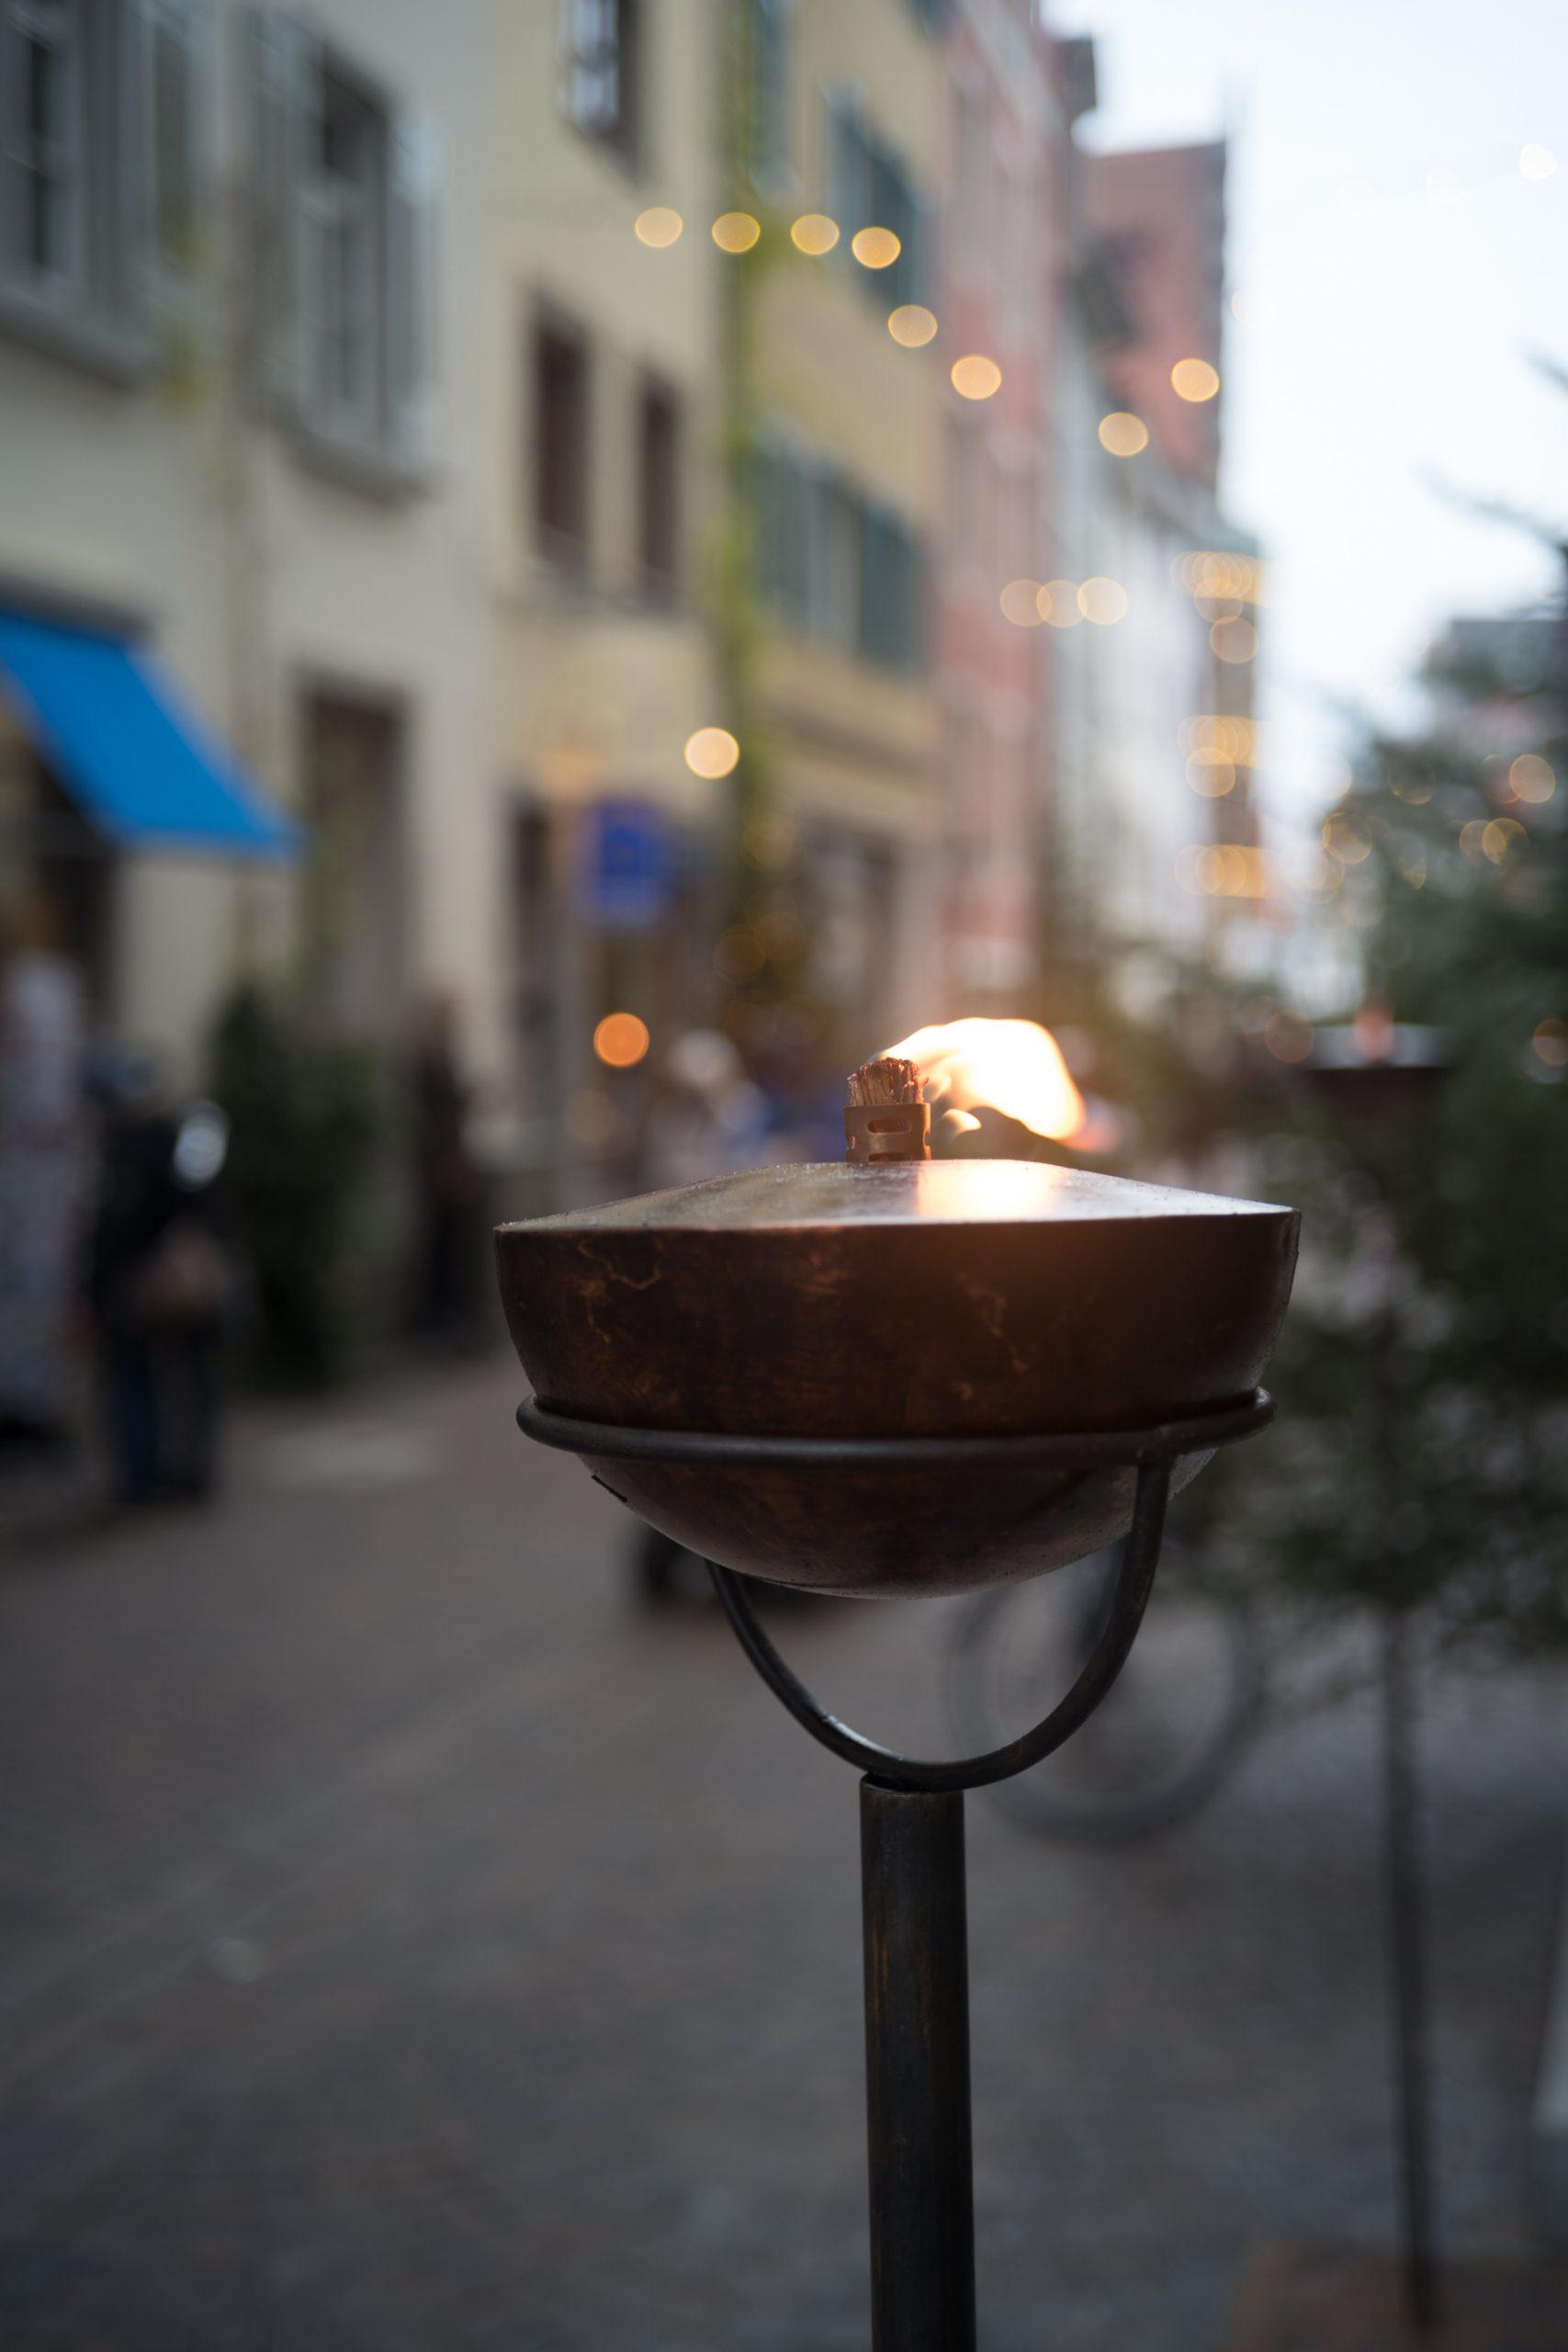 Als es noch so etwas wie einen Weihnachts-Altstadt-Bummel gab. Für ein bescheidenes 40/2.8 erzeugt das Rollei-Sonnar ein ansprechendes Bokeh, finde ich. Rollei Sonnar 40/2.8 an Leica SL.